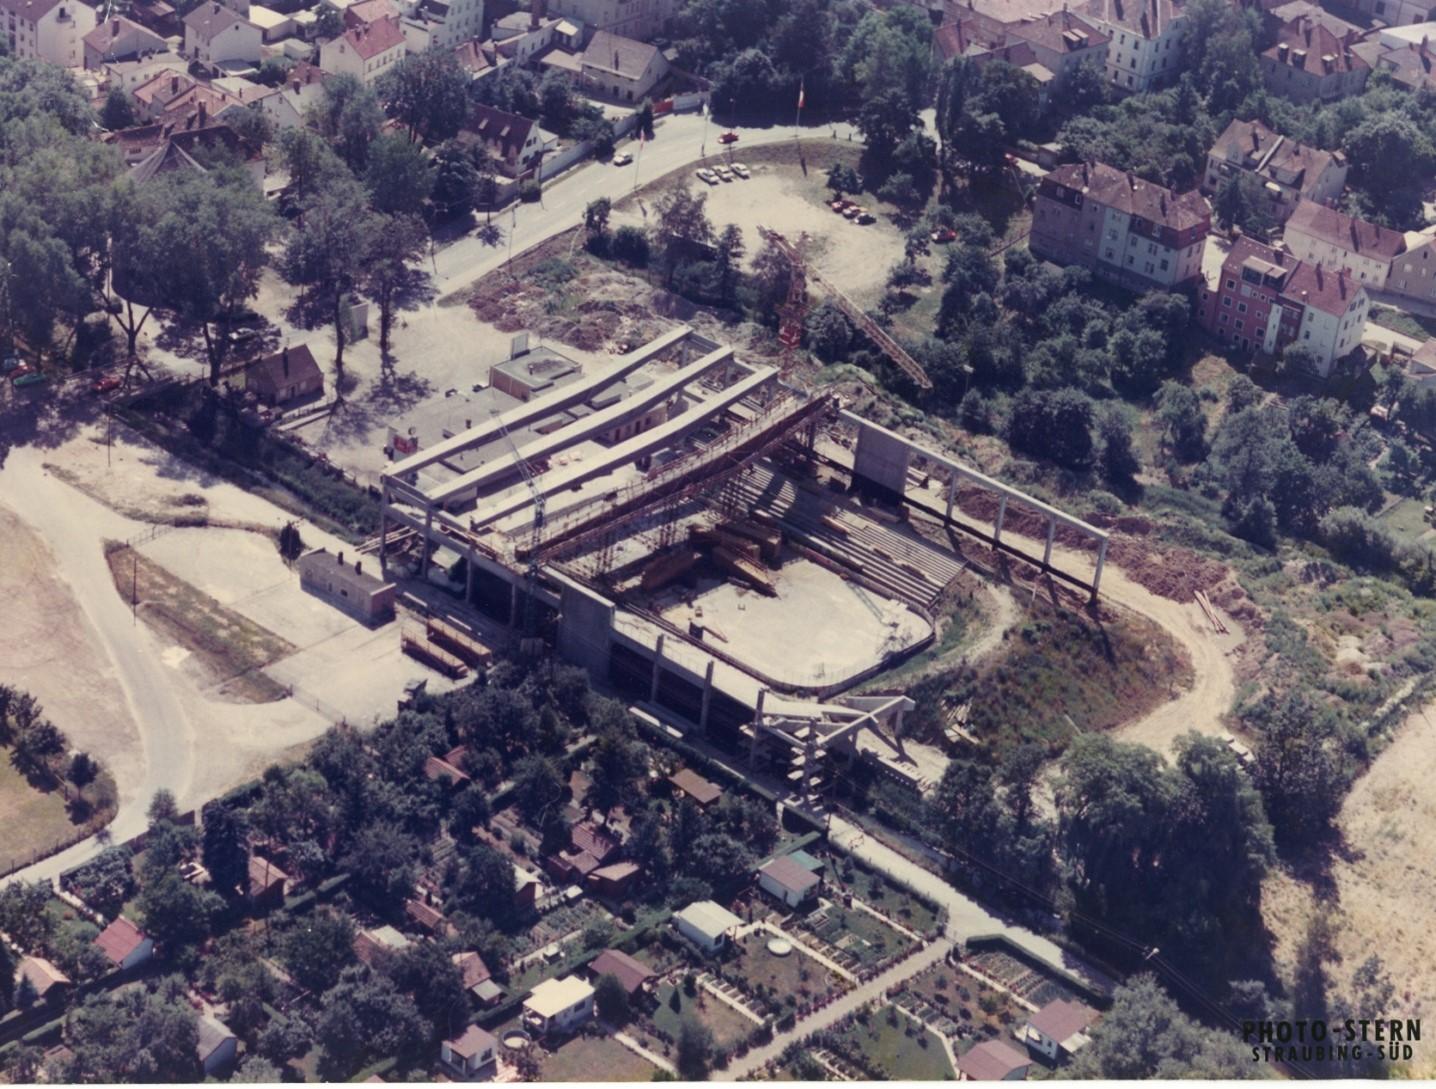 Luftaufnahme von der Baustelle beim Bau des Eisstadions 1976